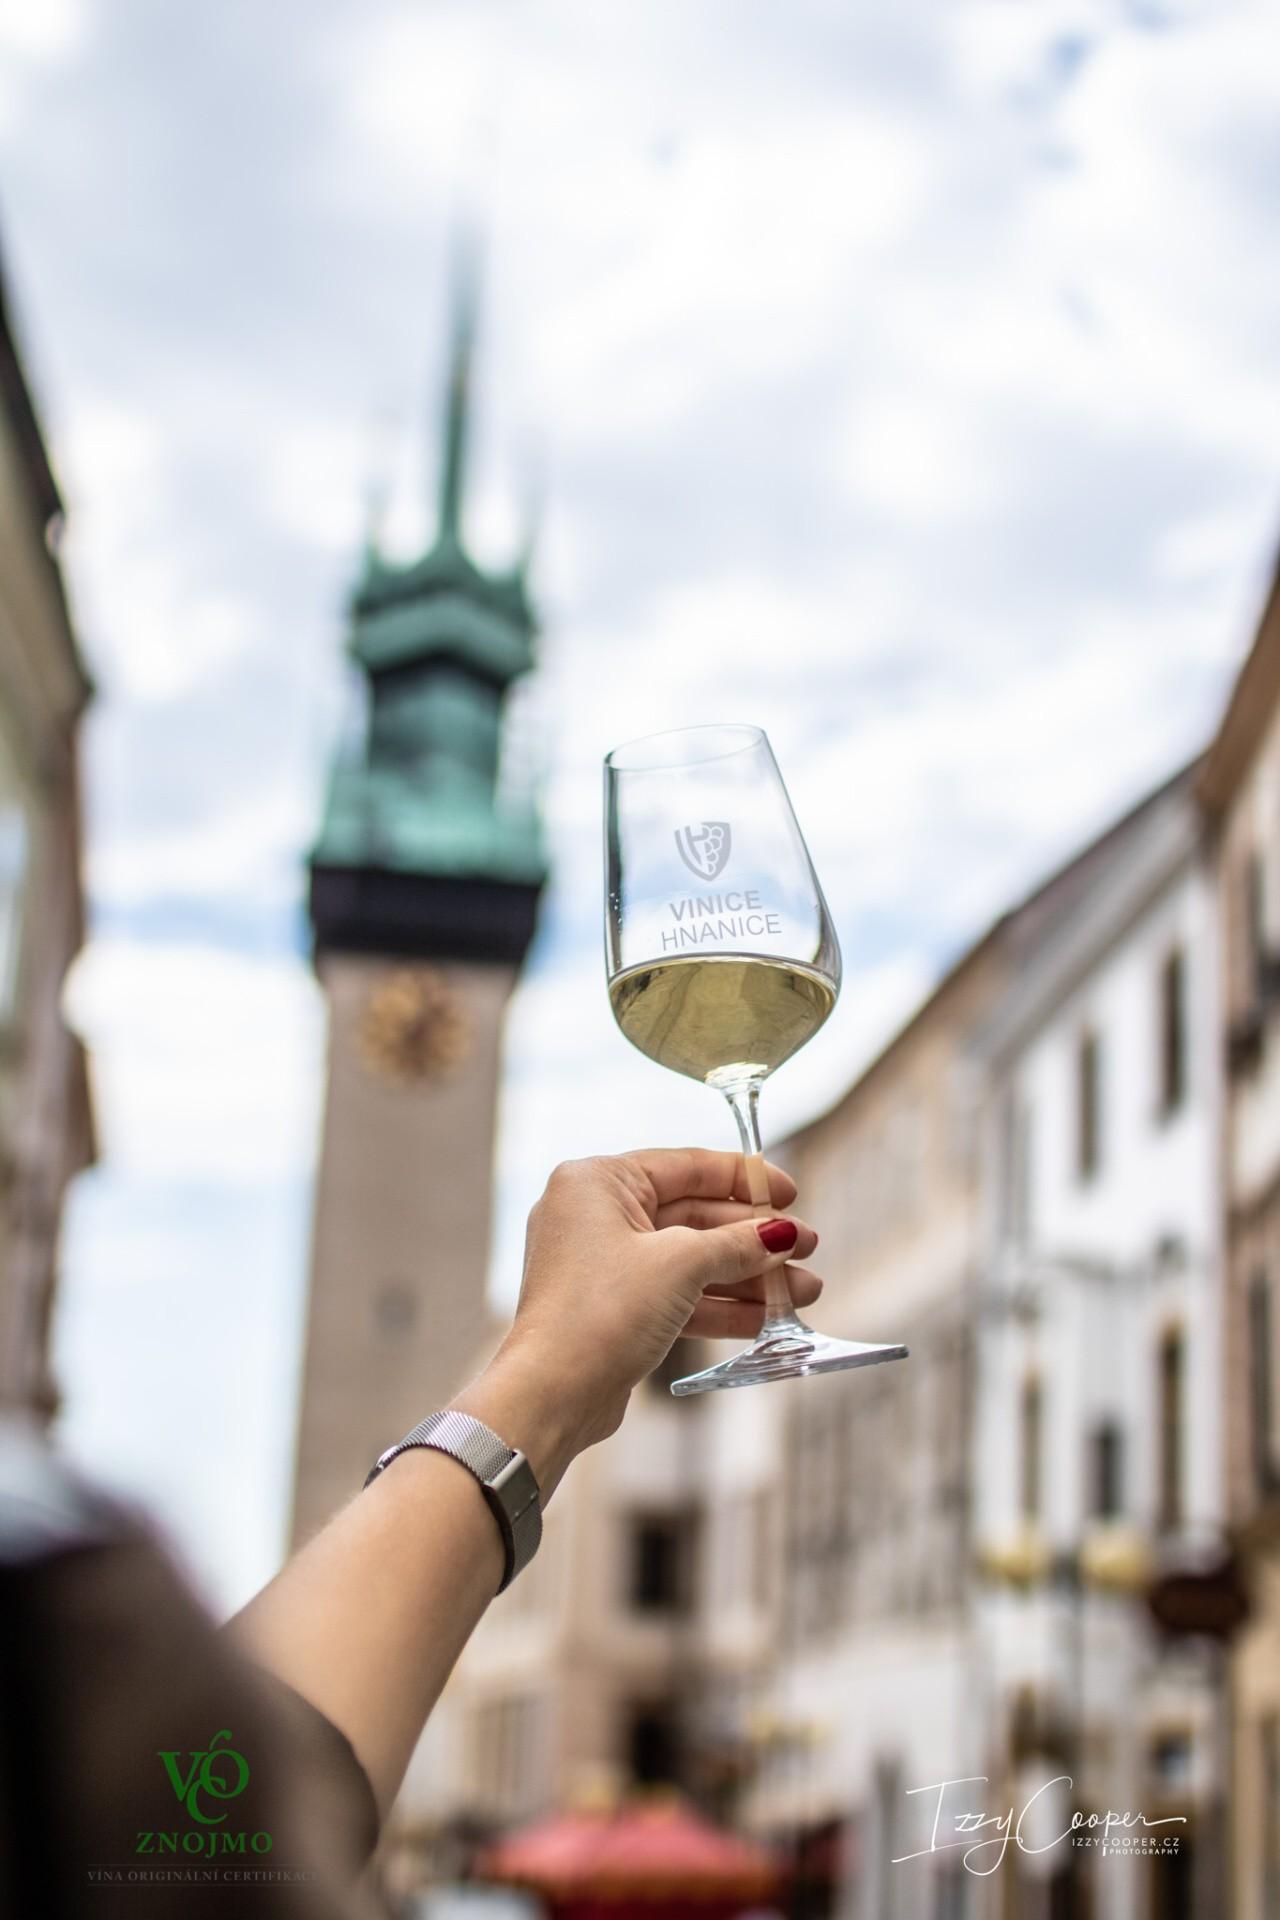 Květnový Festival vína VOC Znojmo láká na skvělá vína i novinky